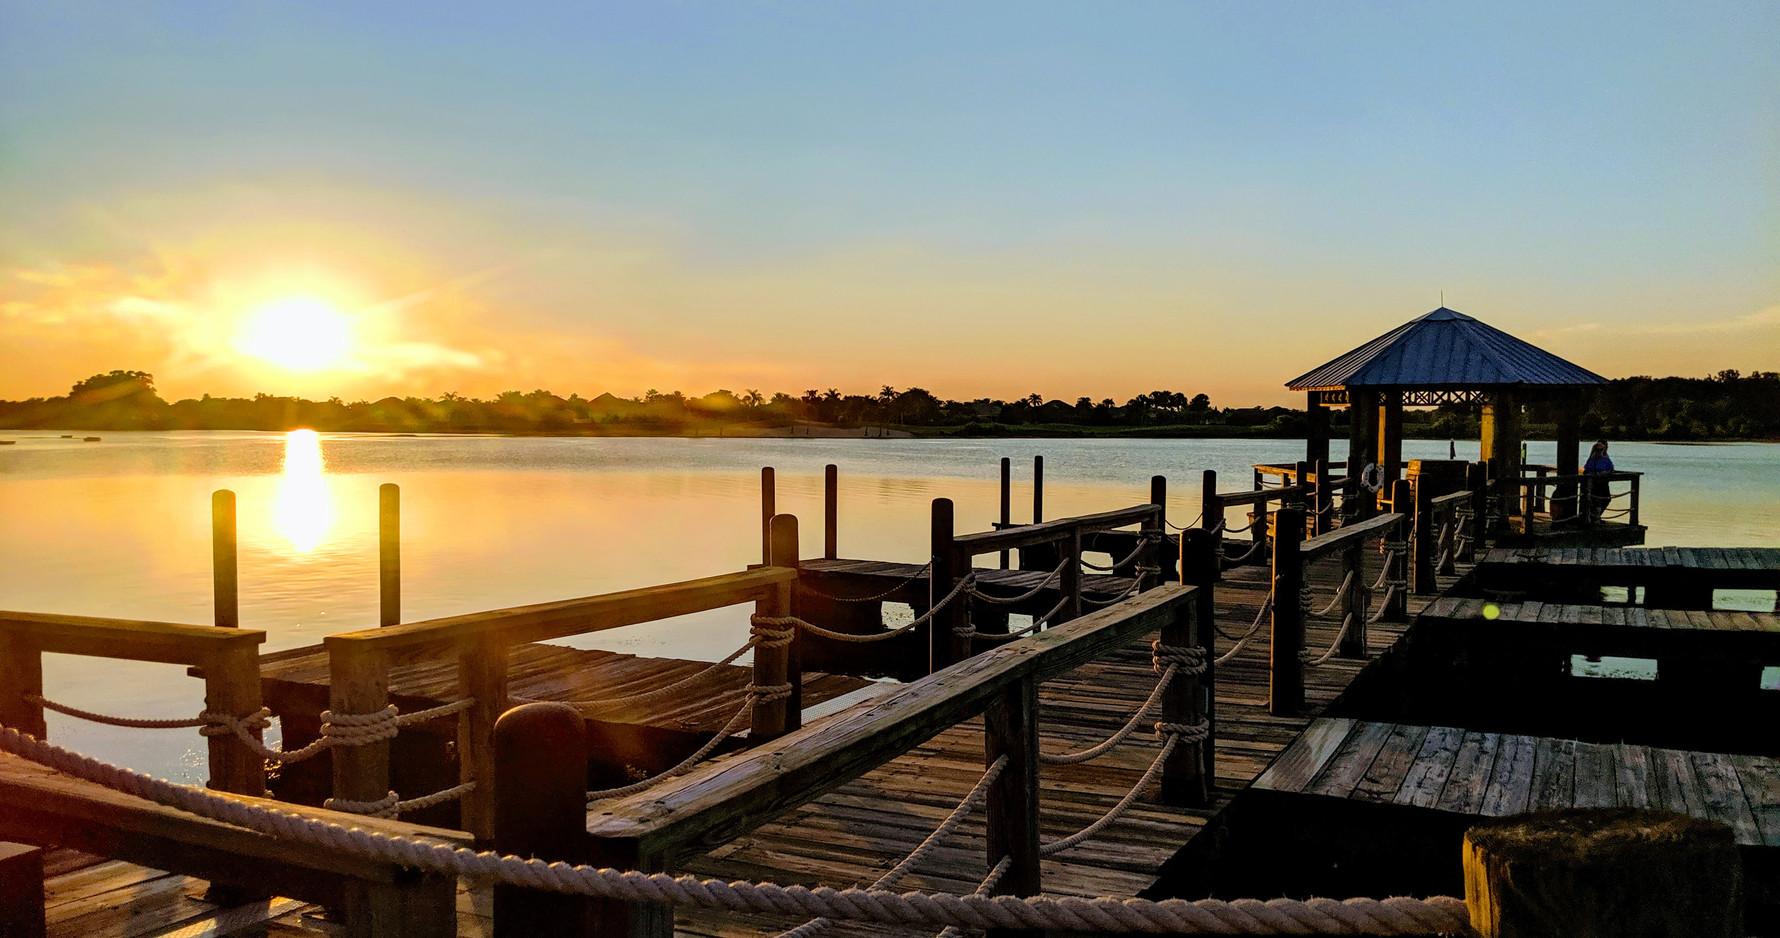 Sunsets at Lake Sumter